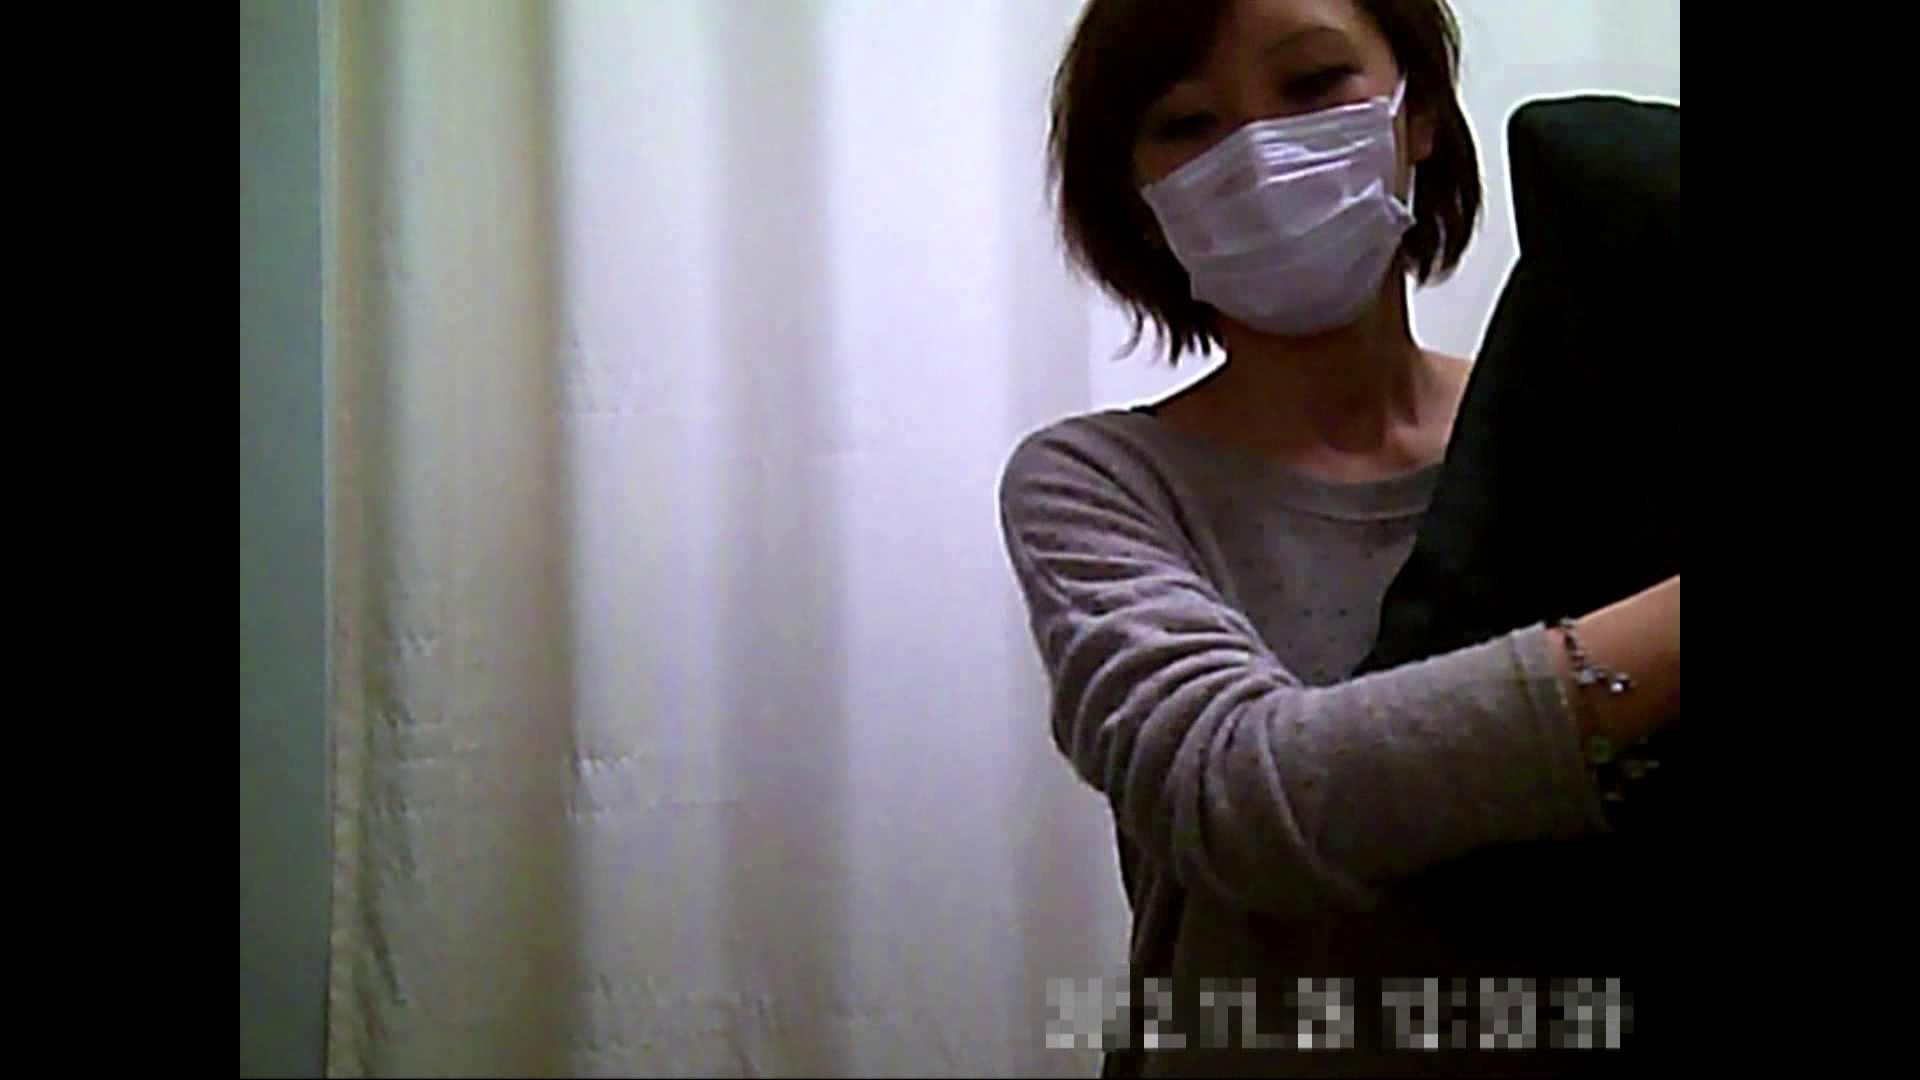 元医者による反抗 更衣室地獄絵巻 vol.281 OLハメ撮り  100Pix 49